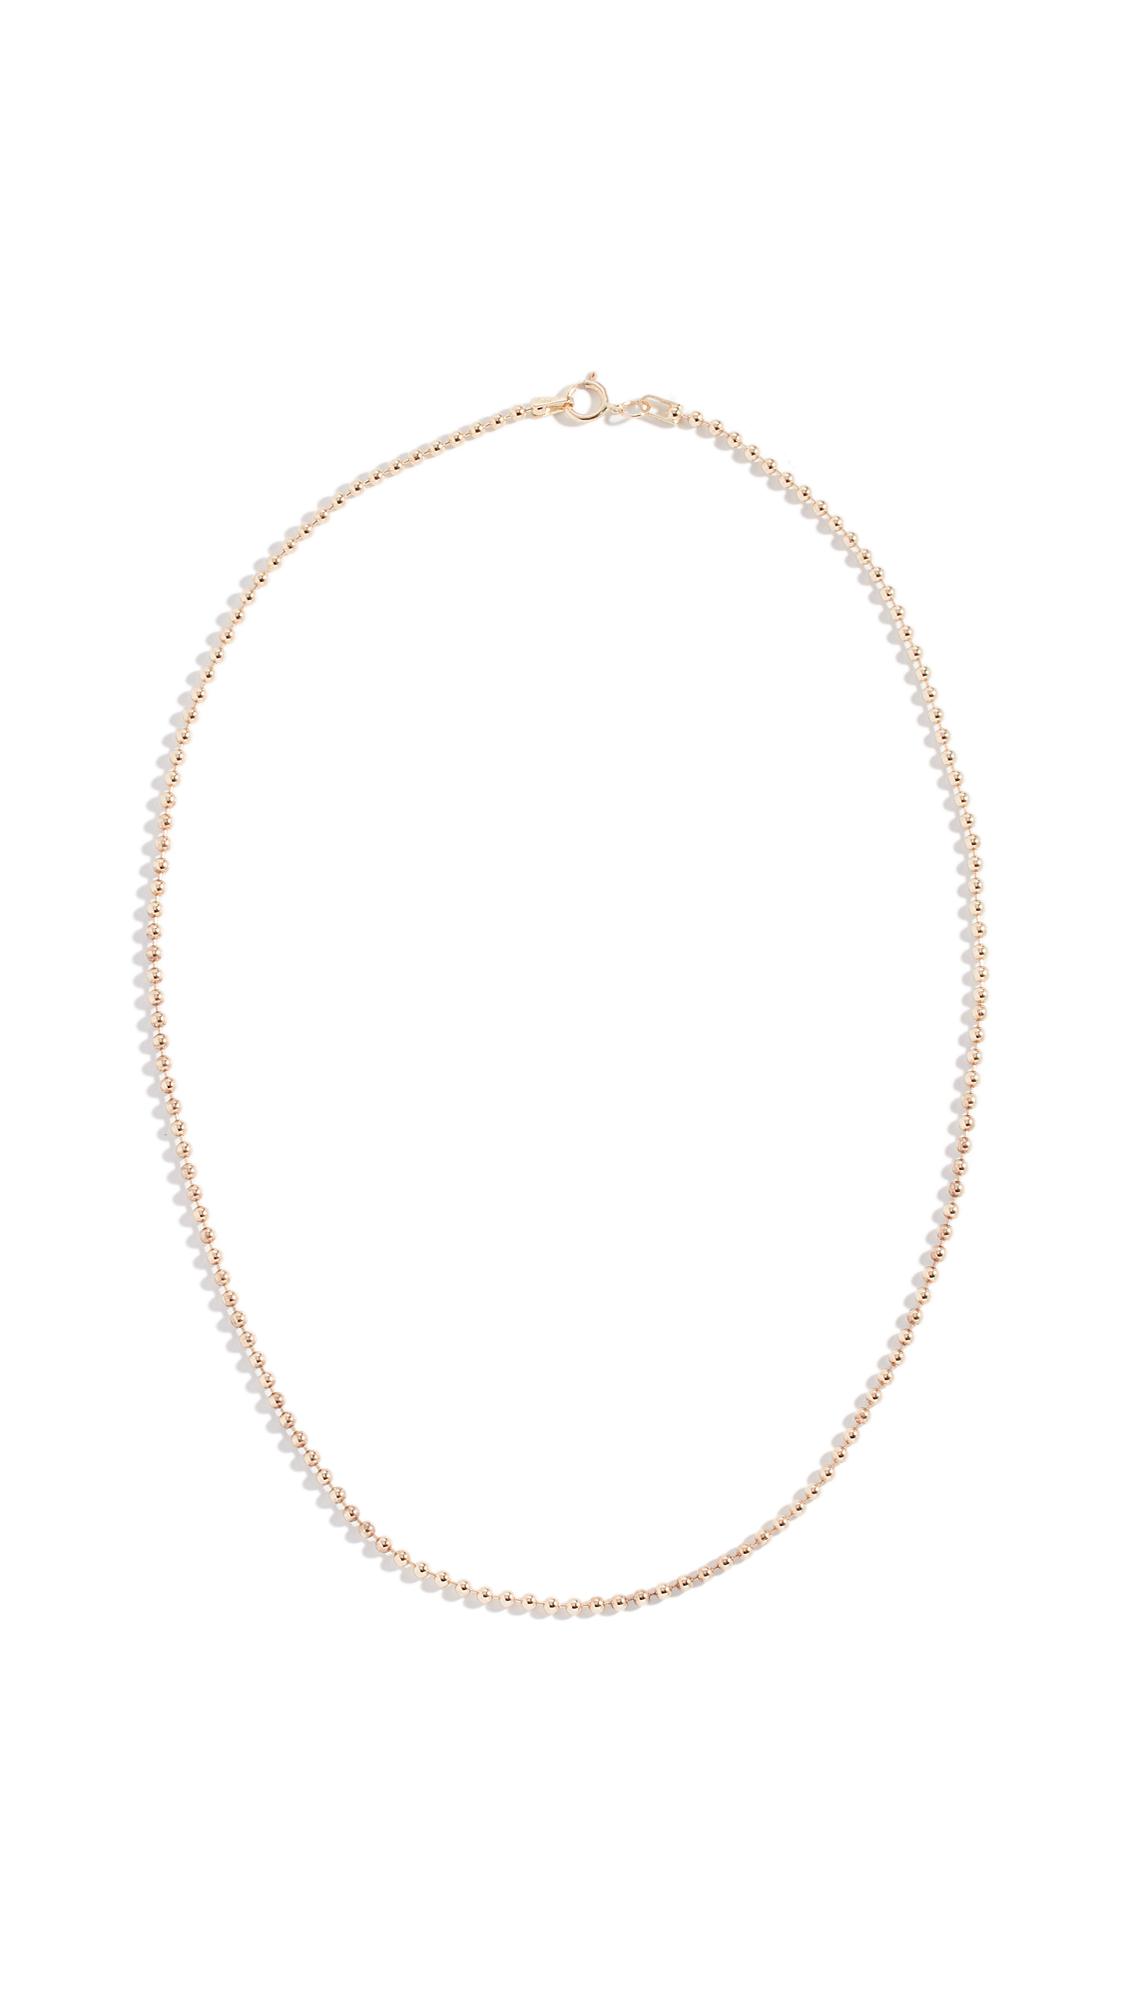 ARIEL GORDON JEWELRY 14K Spot Chain Neckalce in Yellow Gold